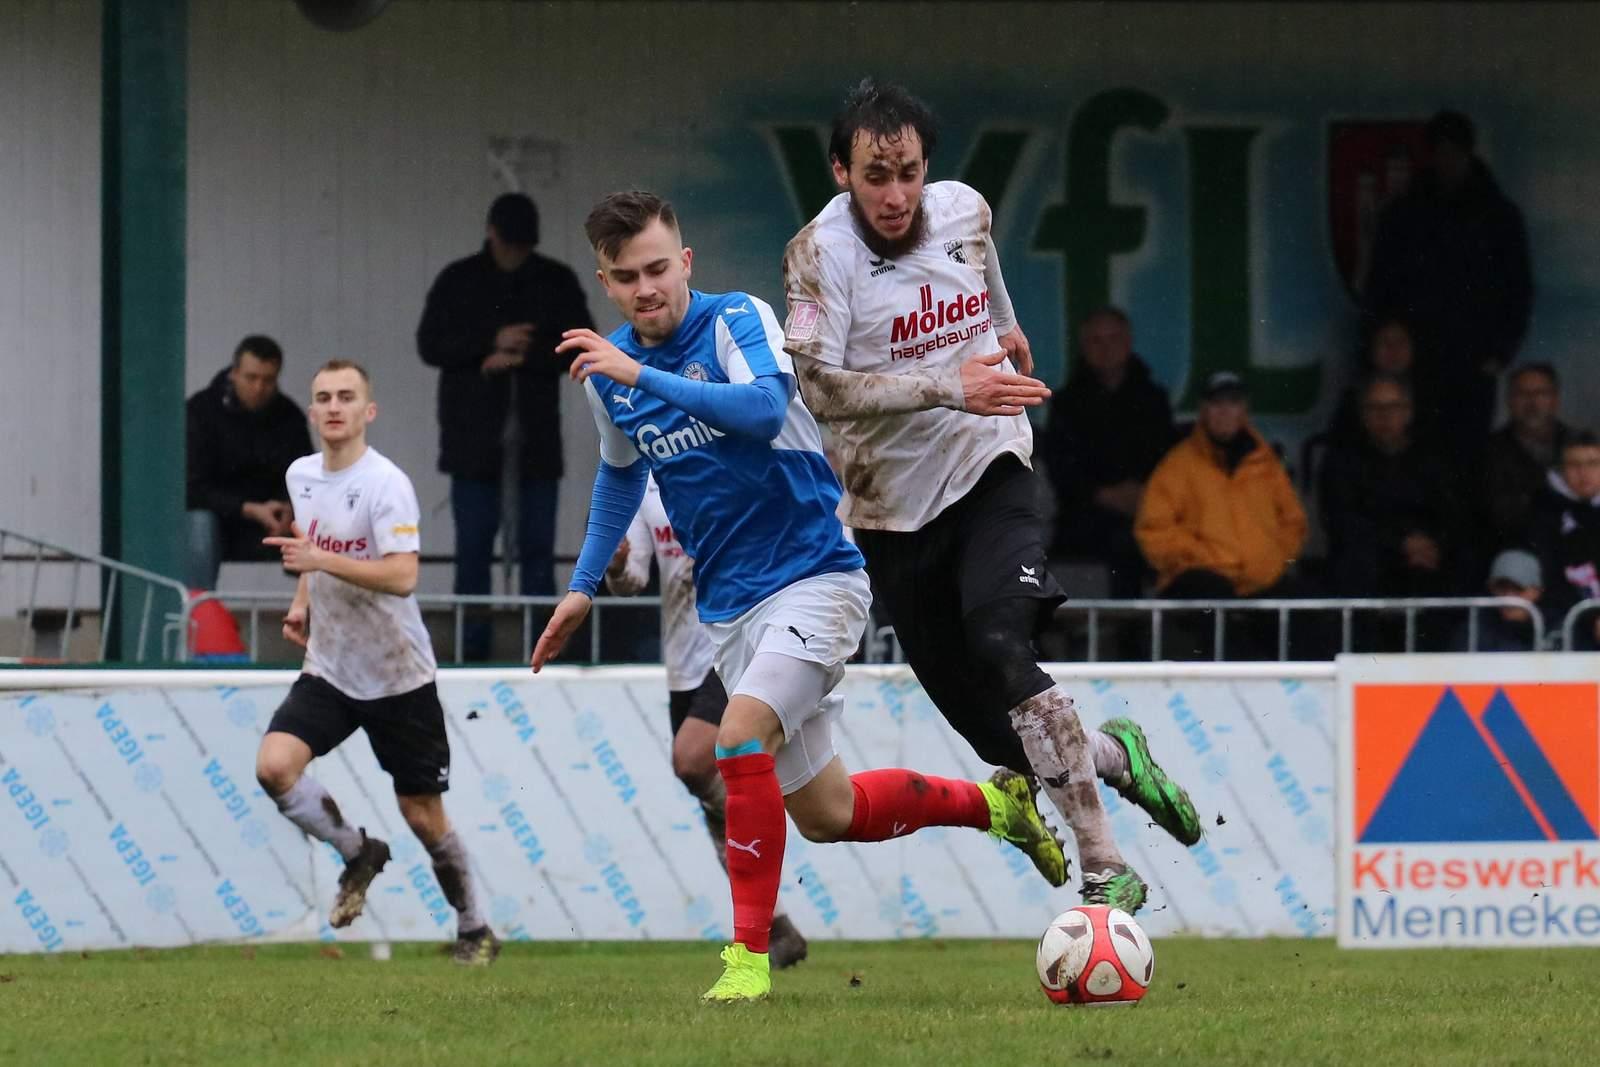 Felix Niebergall von der U23 von Holstein Kiel